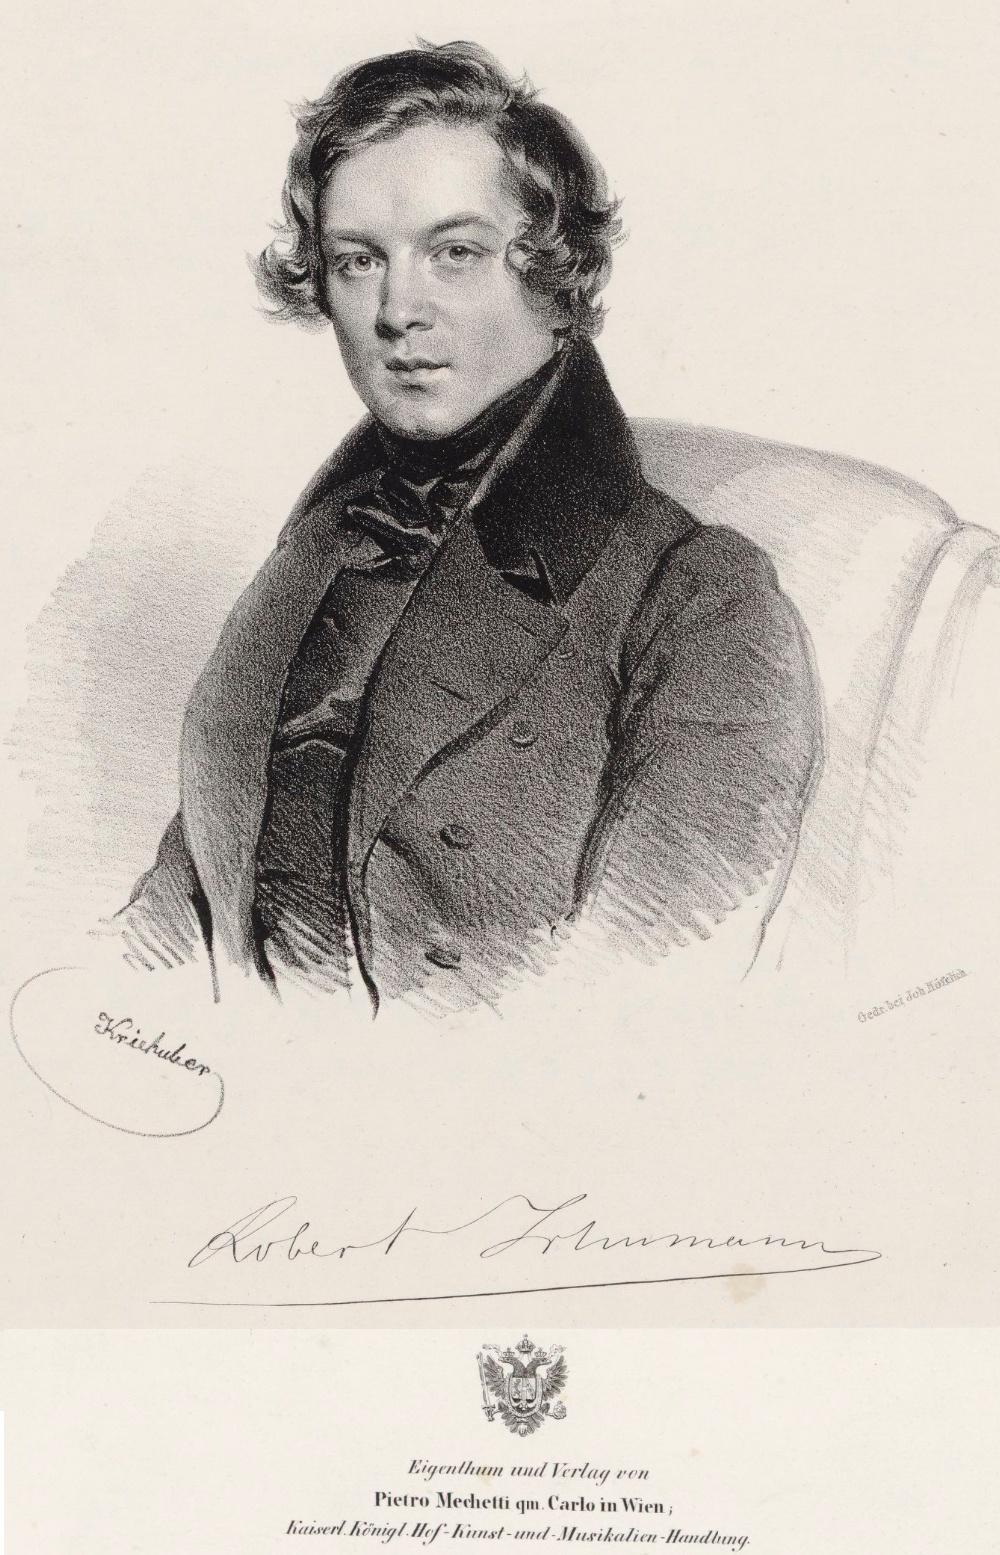 Robert Schumann, une lLithographie de Josef Kriehuber (1800-1876) éditée en 1840